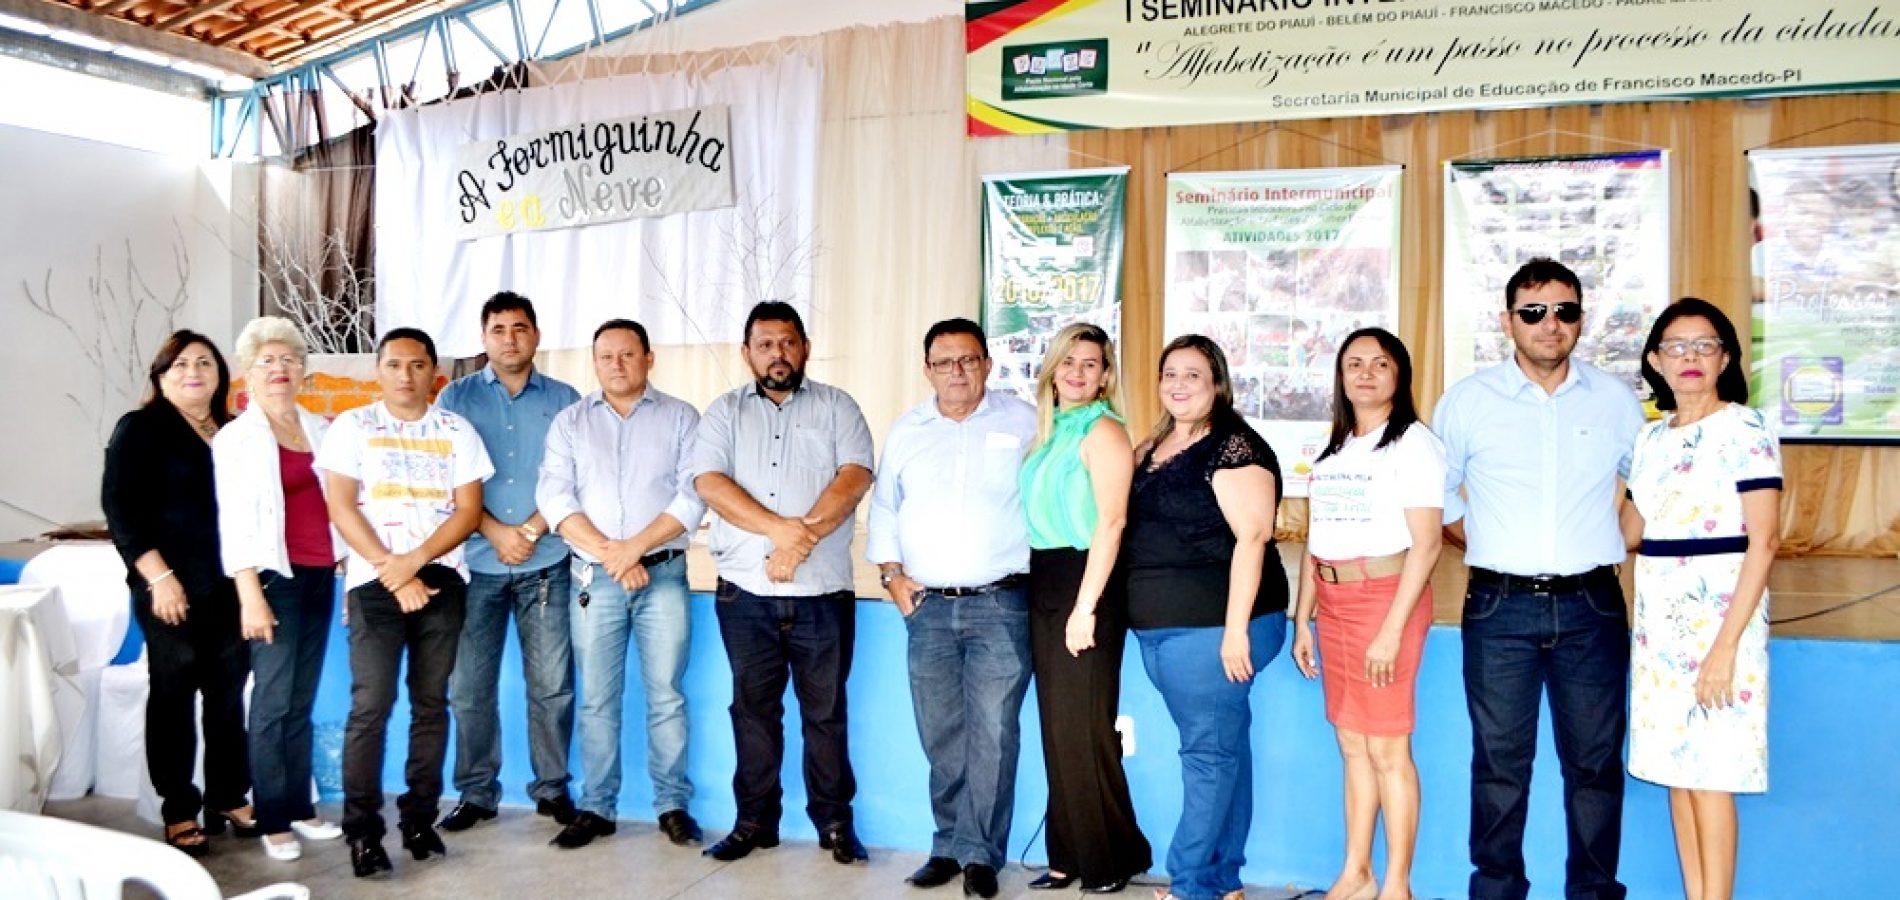 FOTOS | Seminário Intermunicipal de Alfabetização em Francisco Macedo